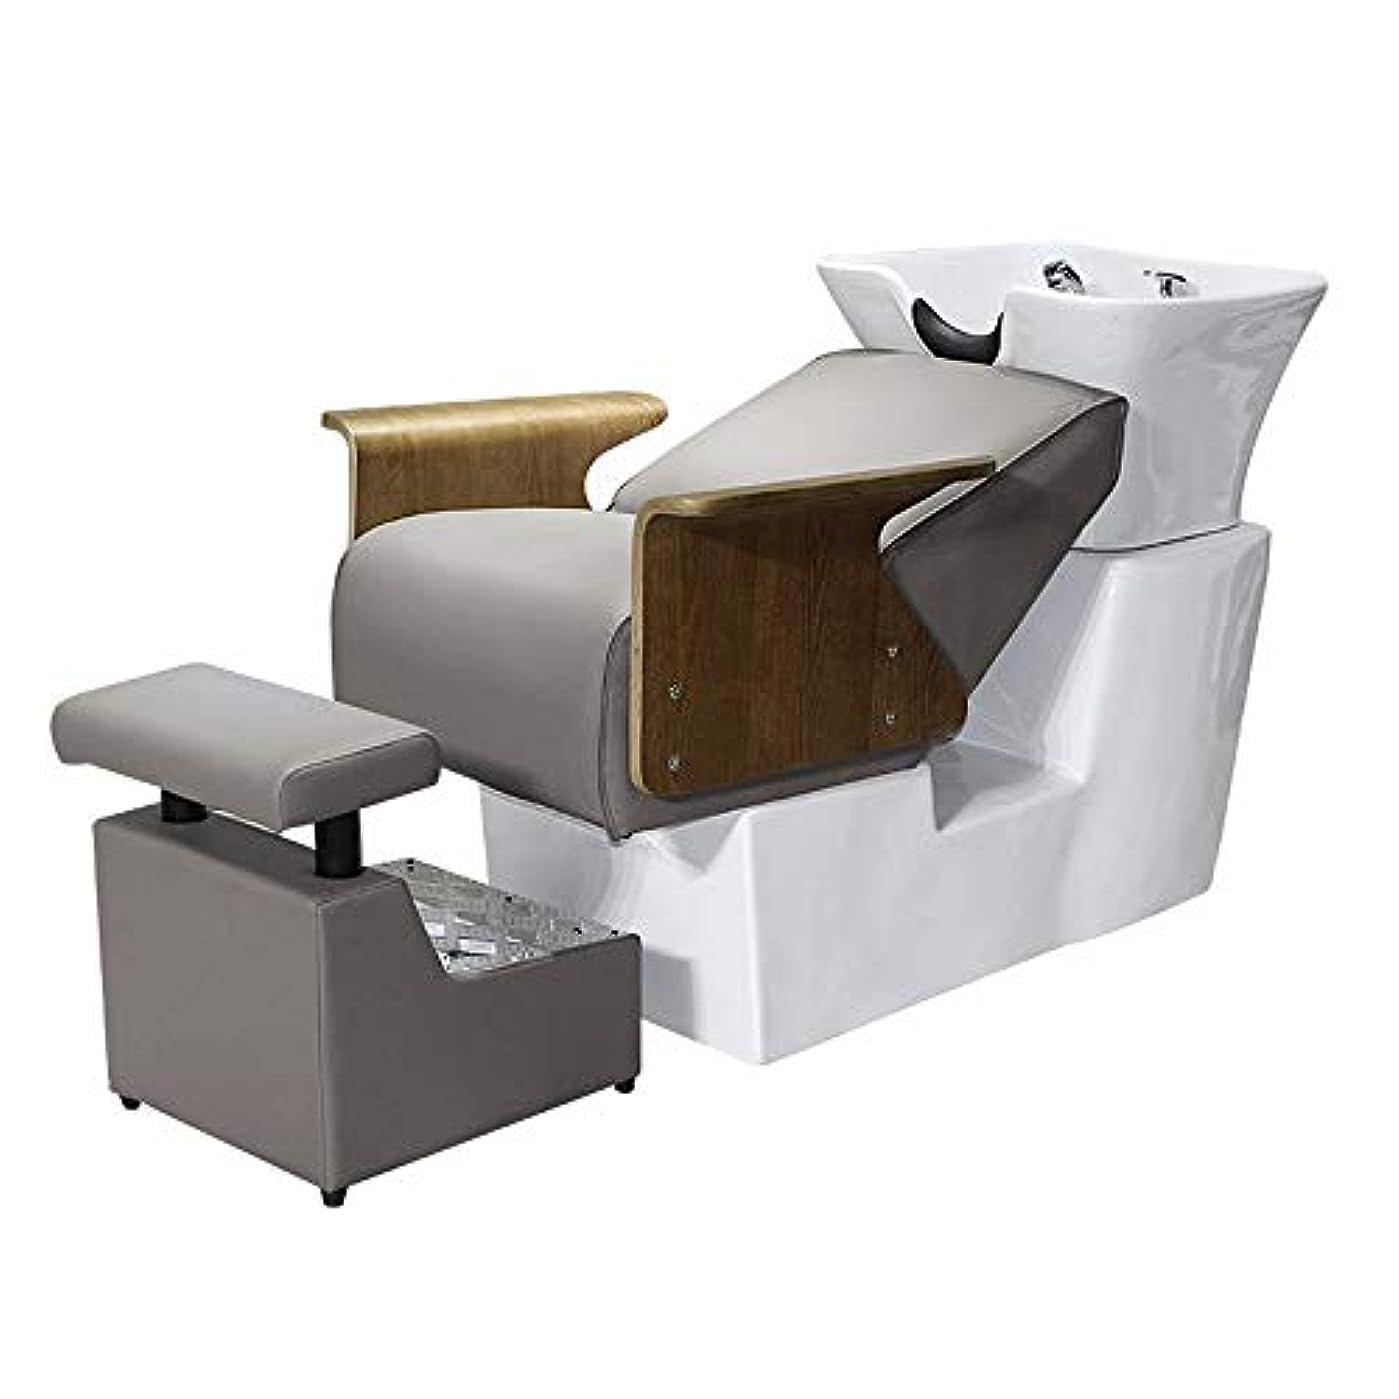 それによって弱まる怒るシャンプーの椅子、陶磁器の洗面器のシャンプーのベッドの逆洗の単位の鉱泉の美容院装置のためのシャンプーボールの理髪の流しの椅子